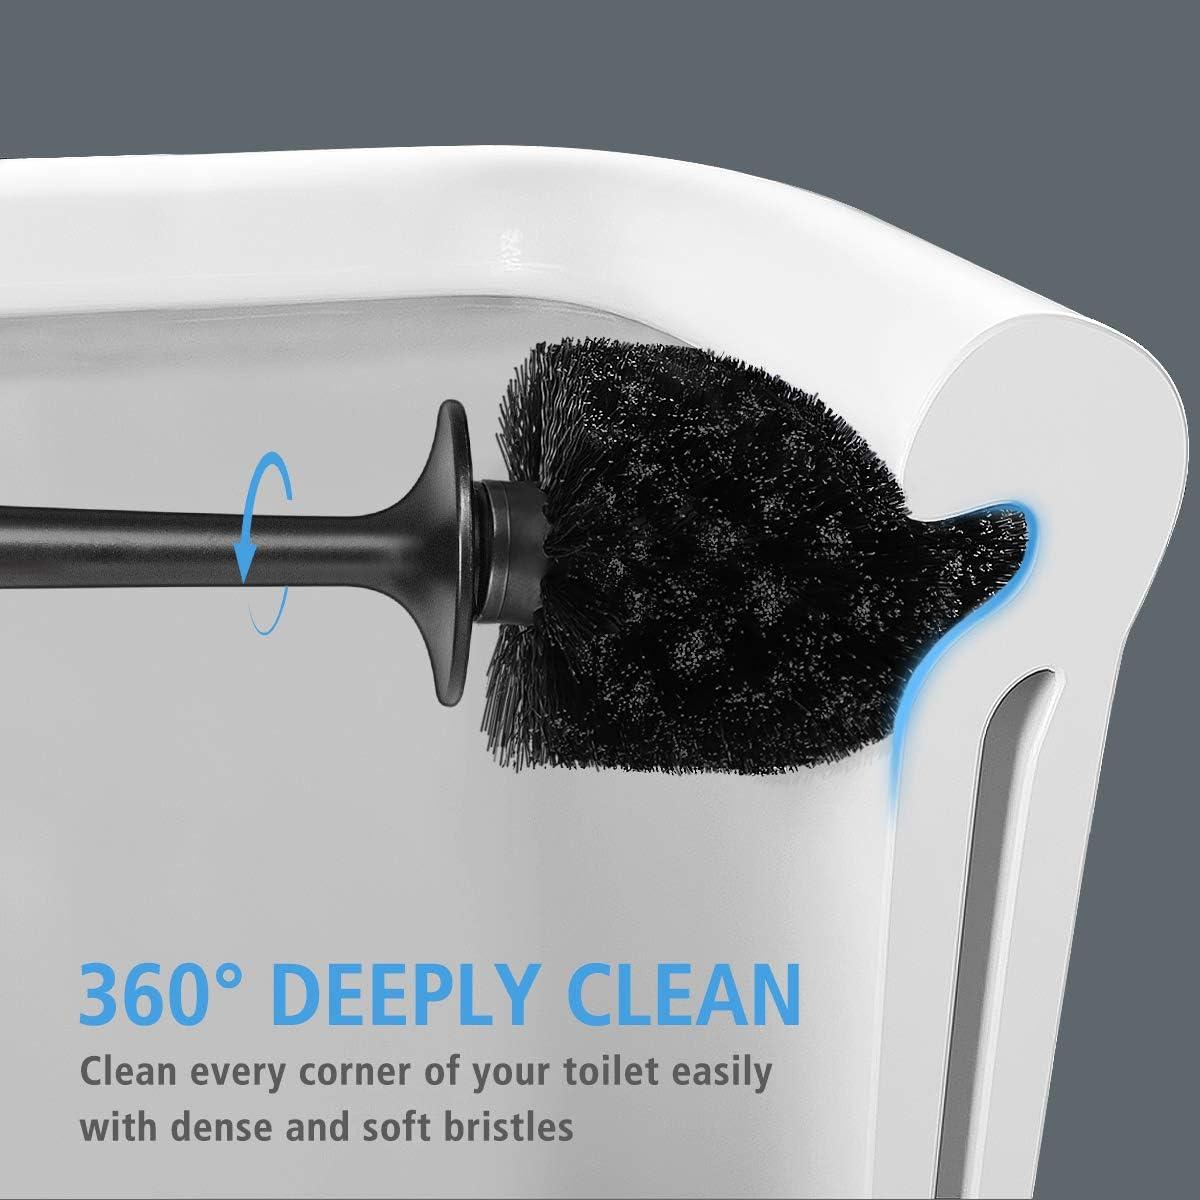 Modern Design Toilet Brush and Holder 2 Pack, Toilet Bowl Brush for Your Bathroom Toilet (Black)